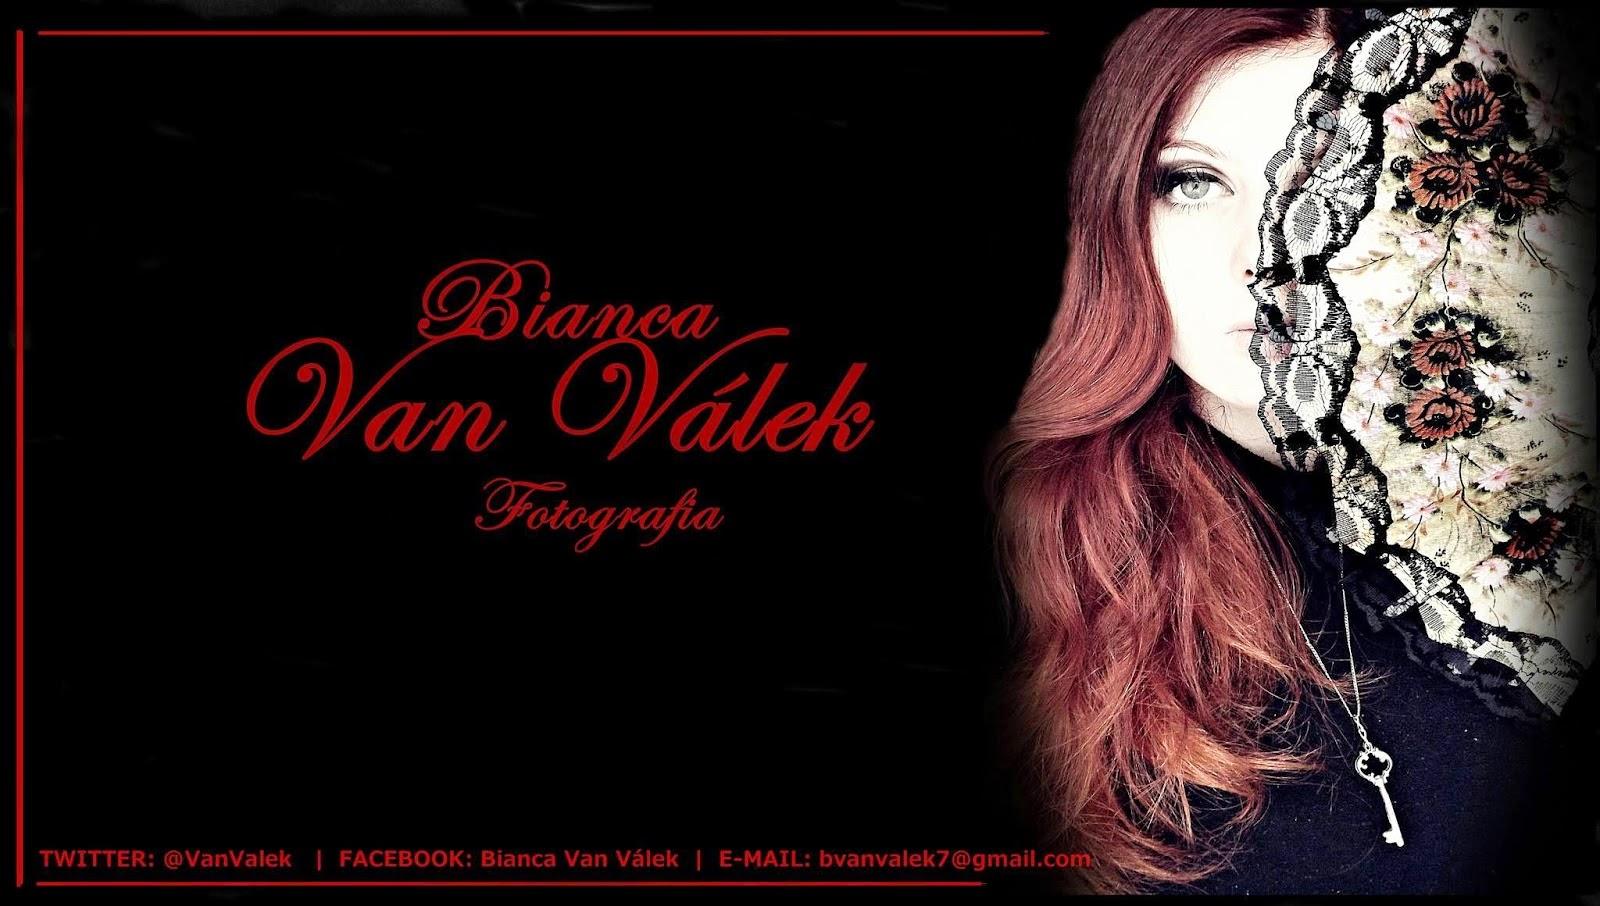 http://questoeseargumentos.blogspot.com.br/2014/09/bianca-van-valek.html